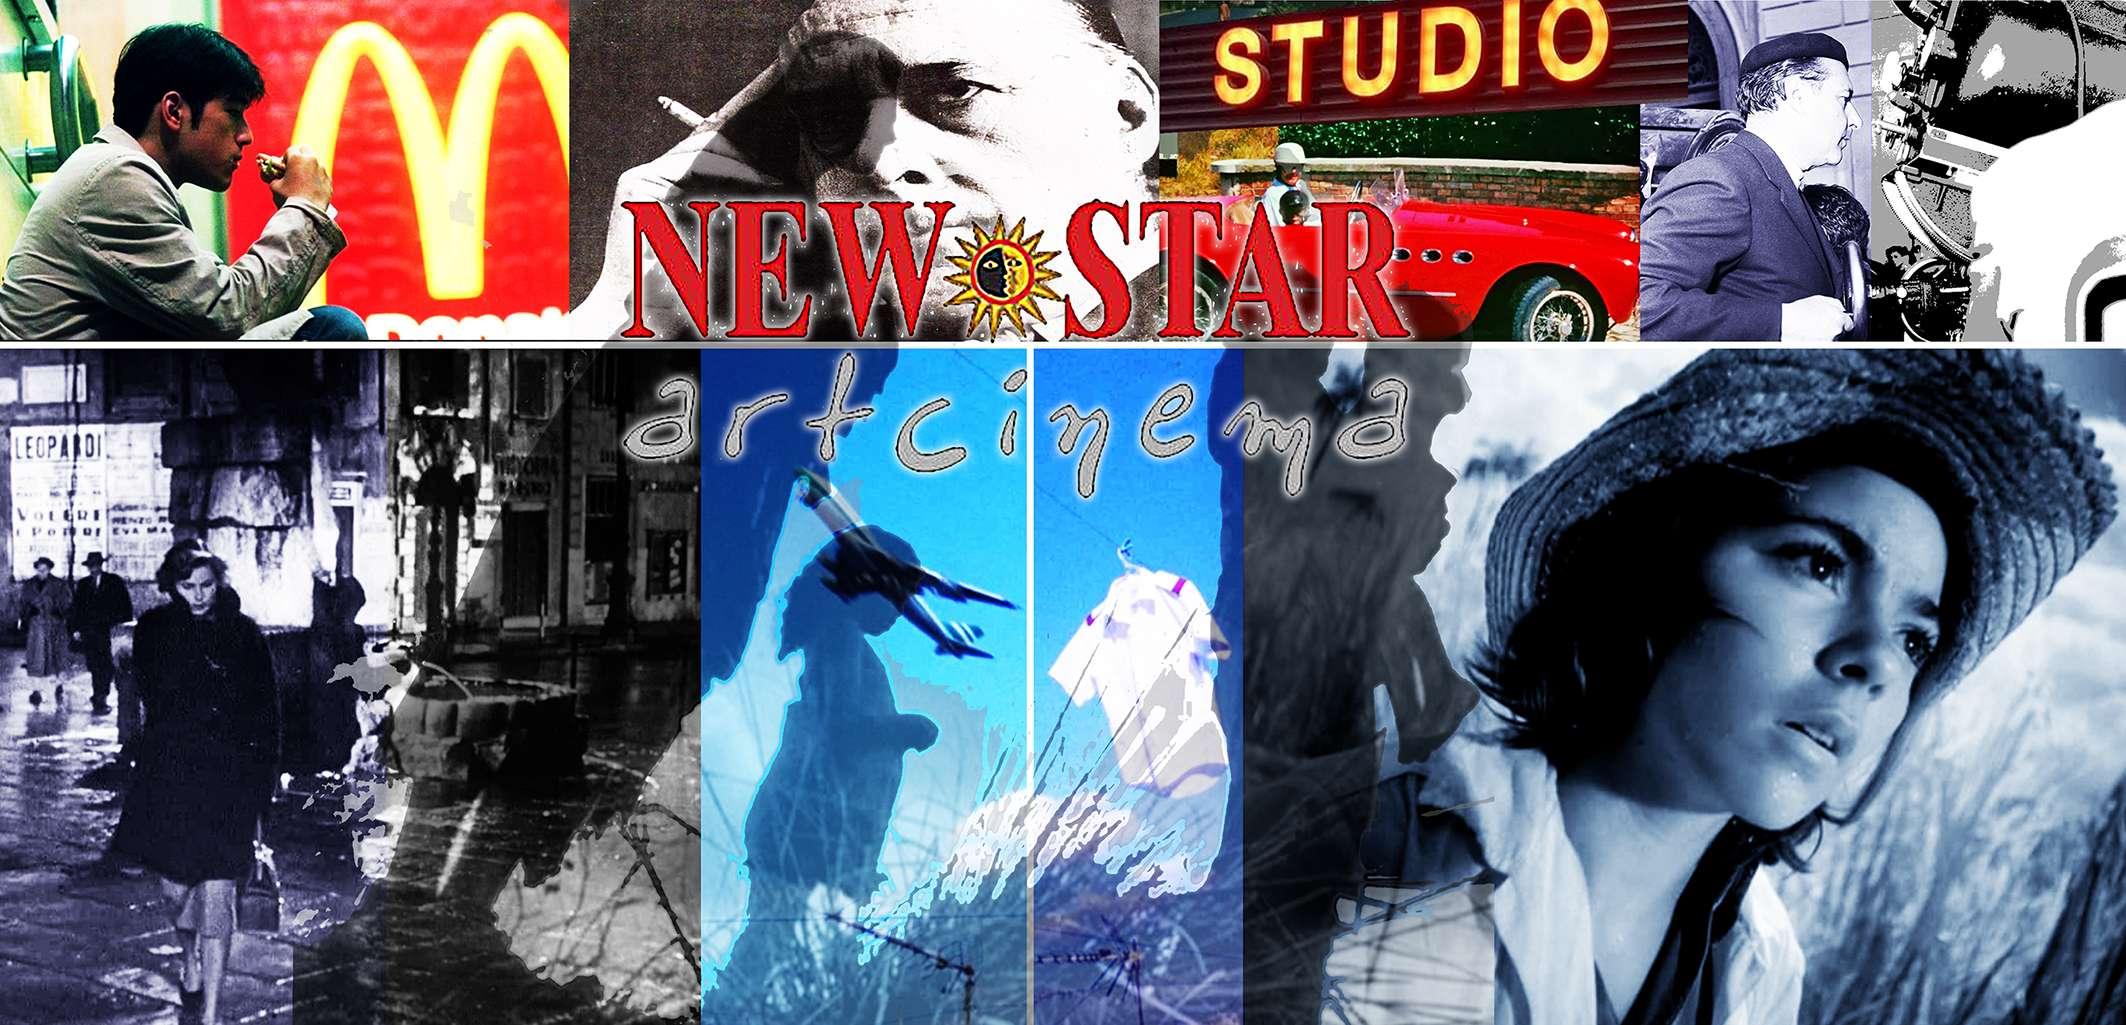 STUDIO art cinema 1 Ιουλ 2021